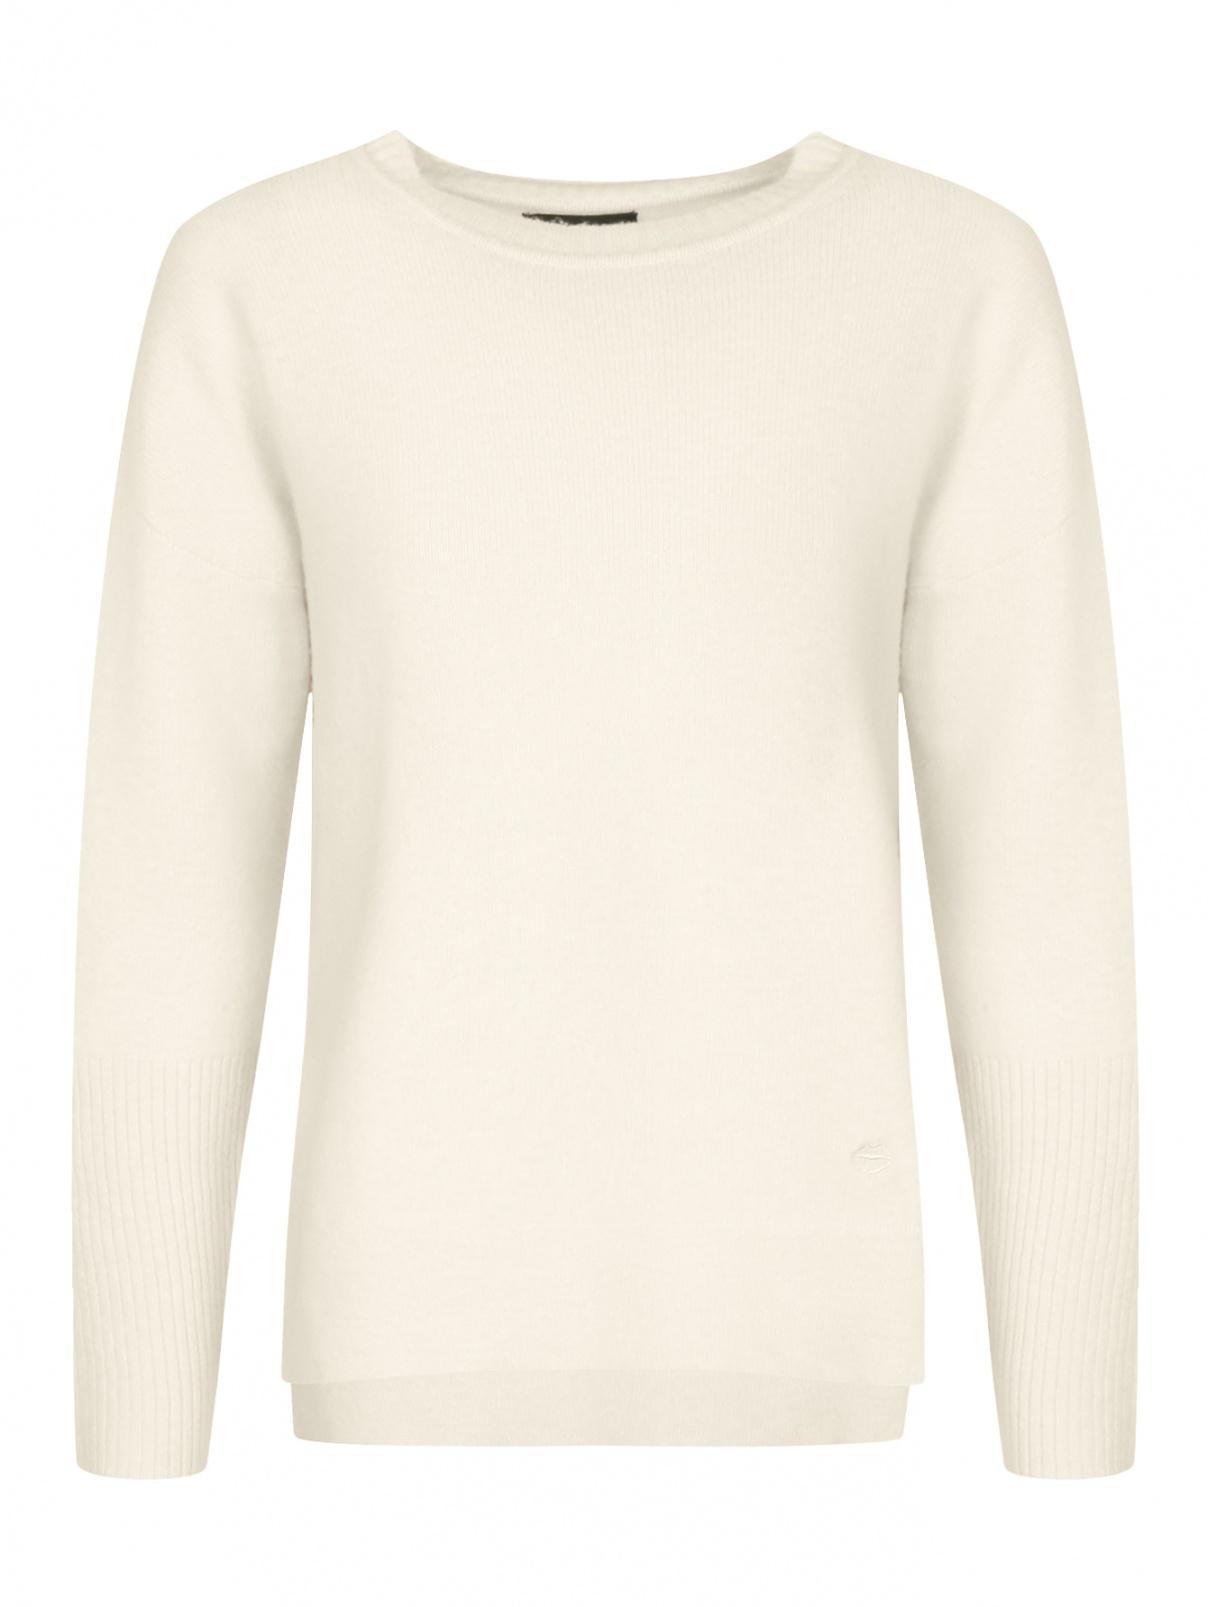 Джемпер из шерсти и кашемира Markus Lupfer  –  Общий вид  – Цвет:  Белый